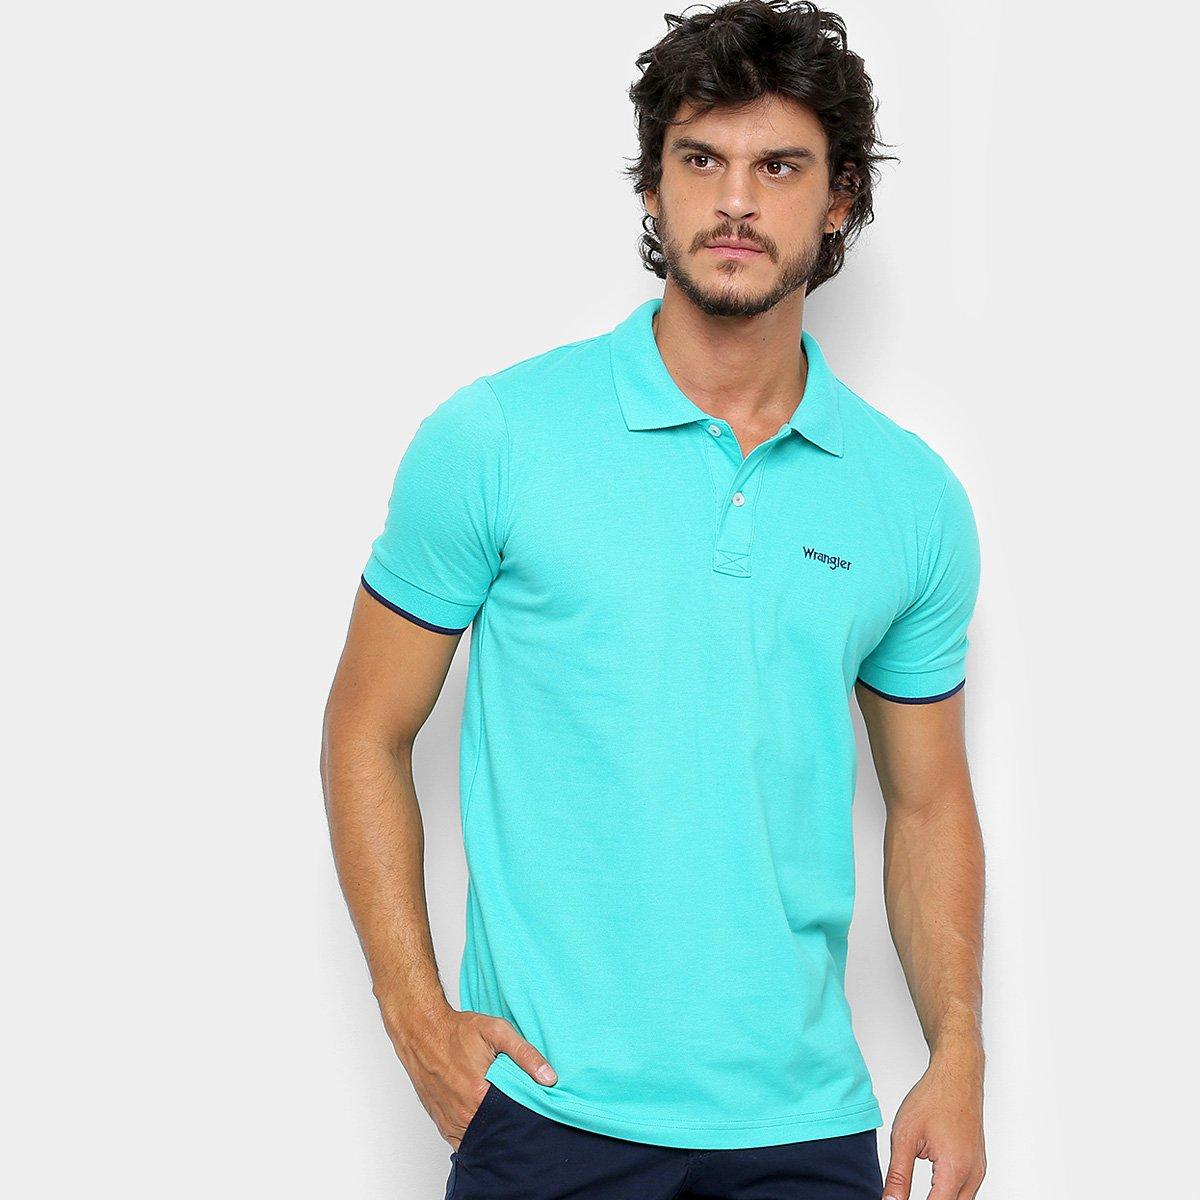 4d8c54fc07 Camisa Polo Wrangler Básica Piquet Logo Bordado Masculina